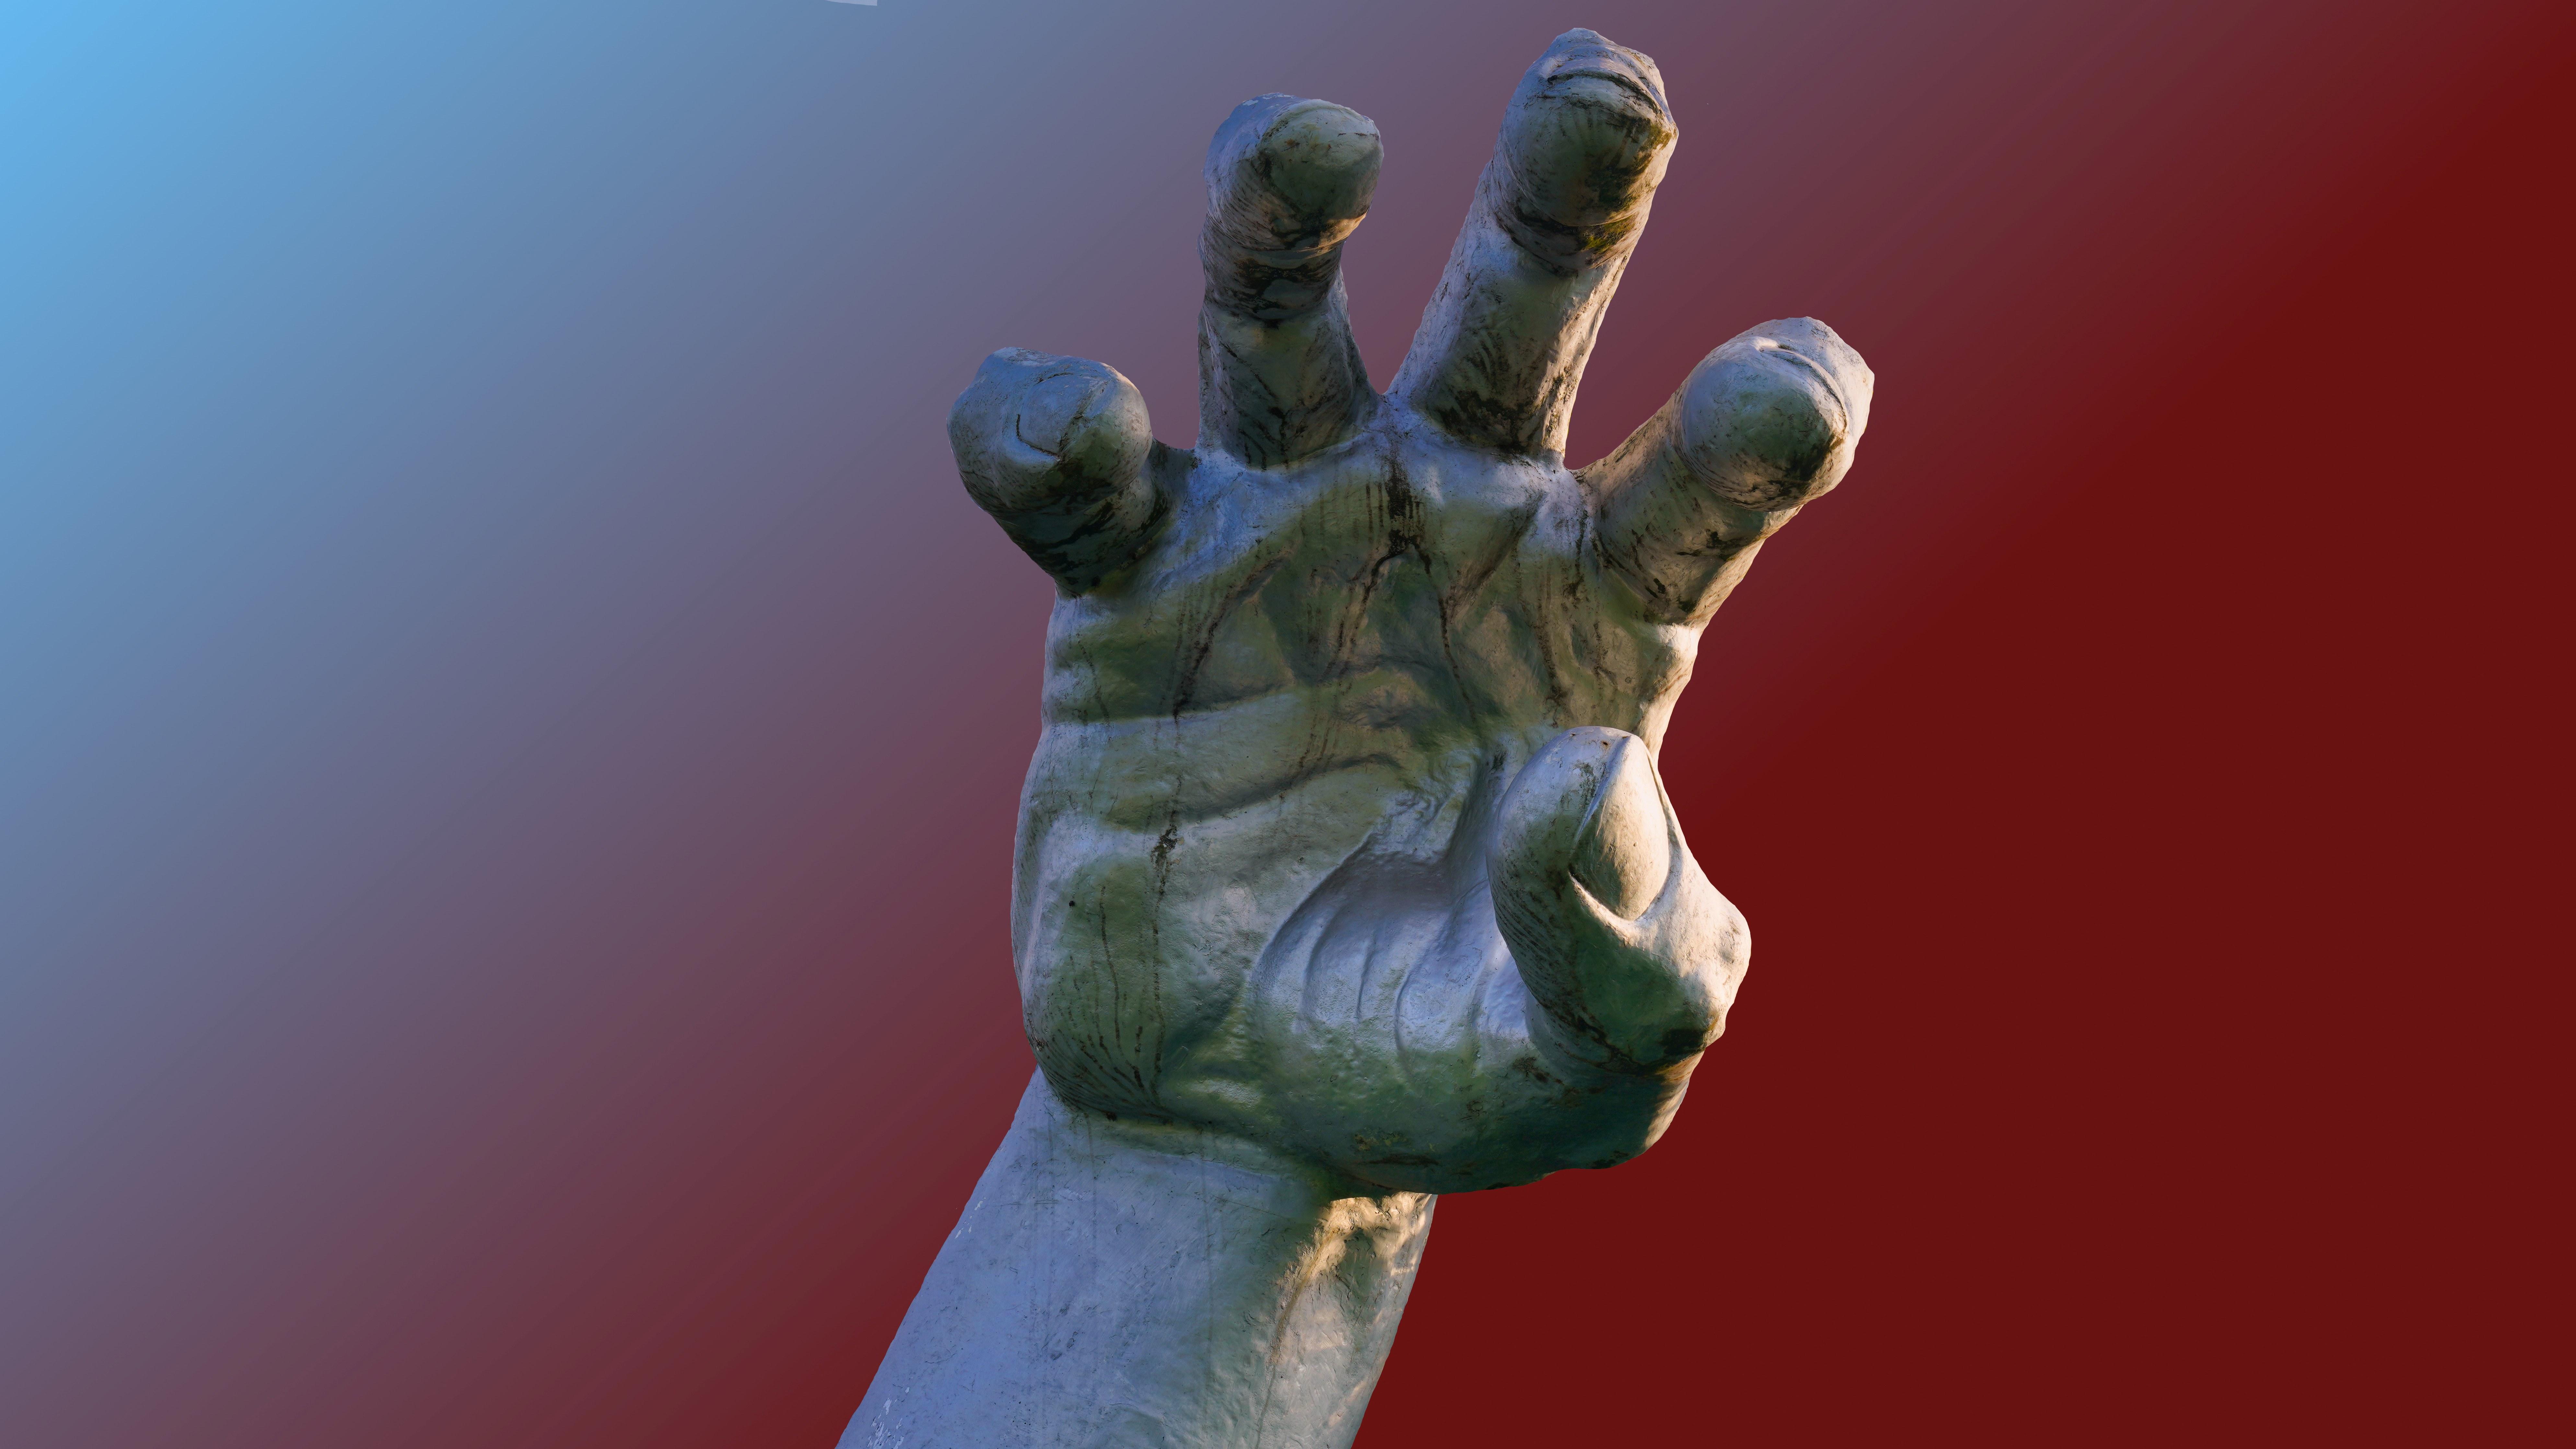 Threatening Hand